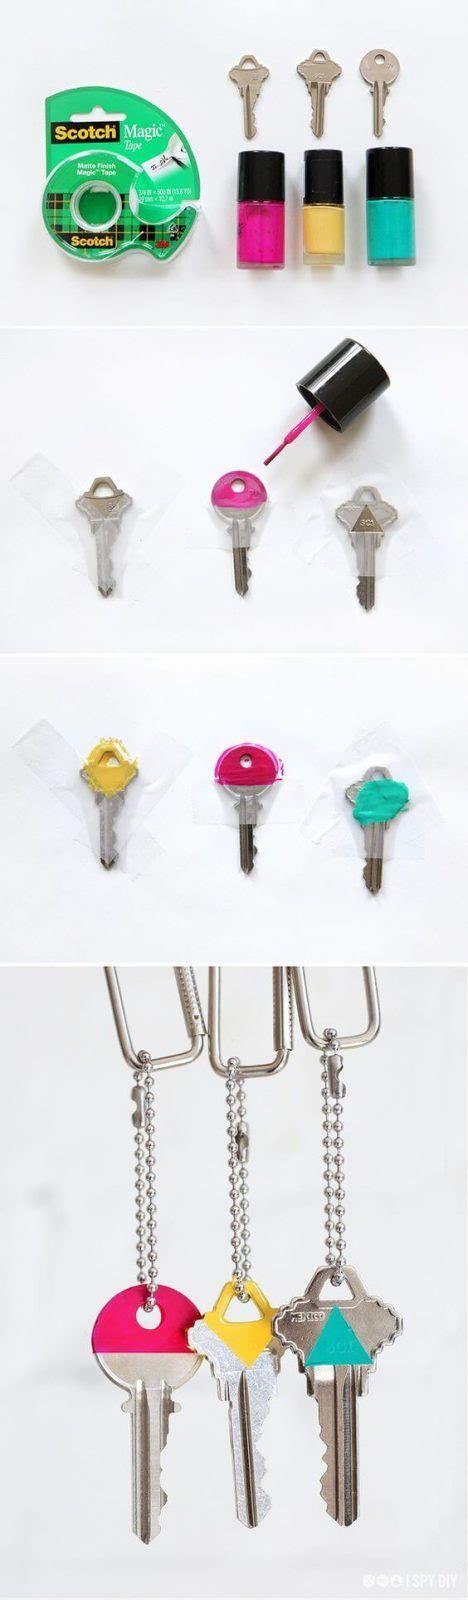 wohnaccessoires ideen kreative deko ideen und diy wohnaccessoires die den